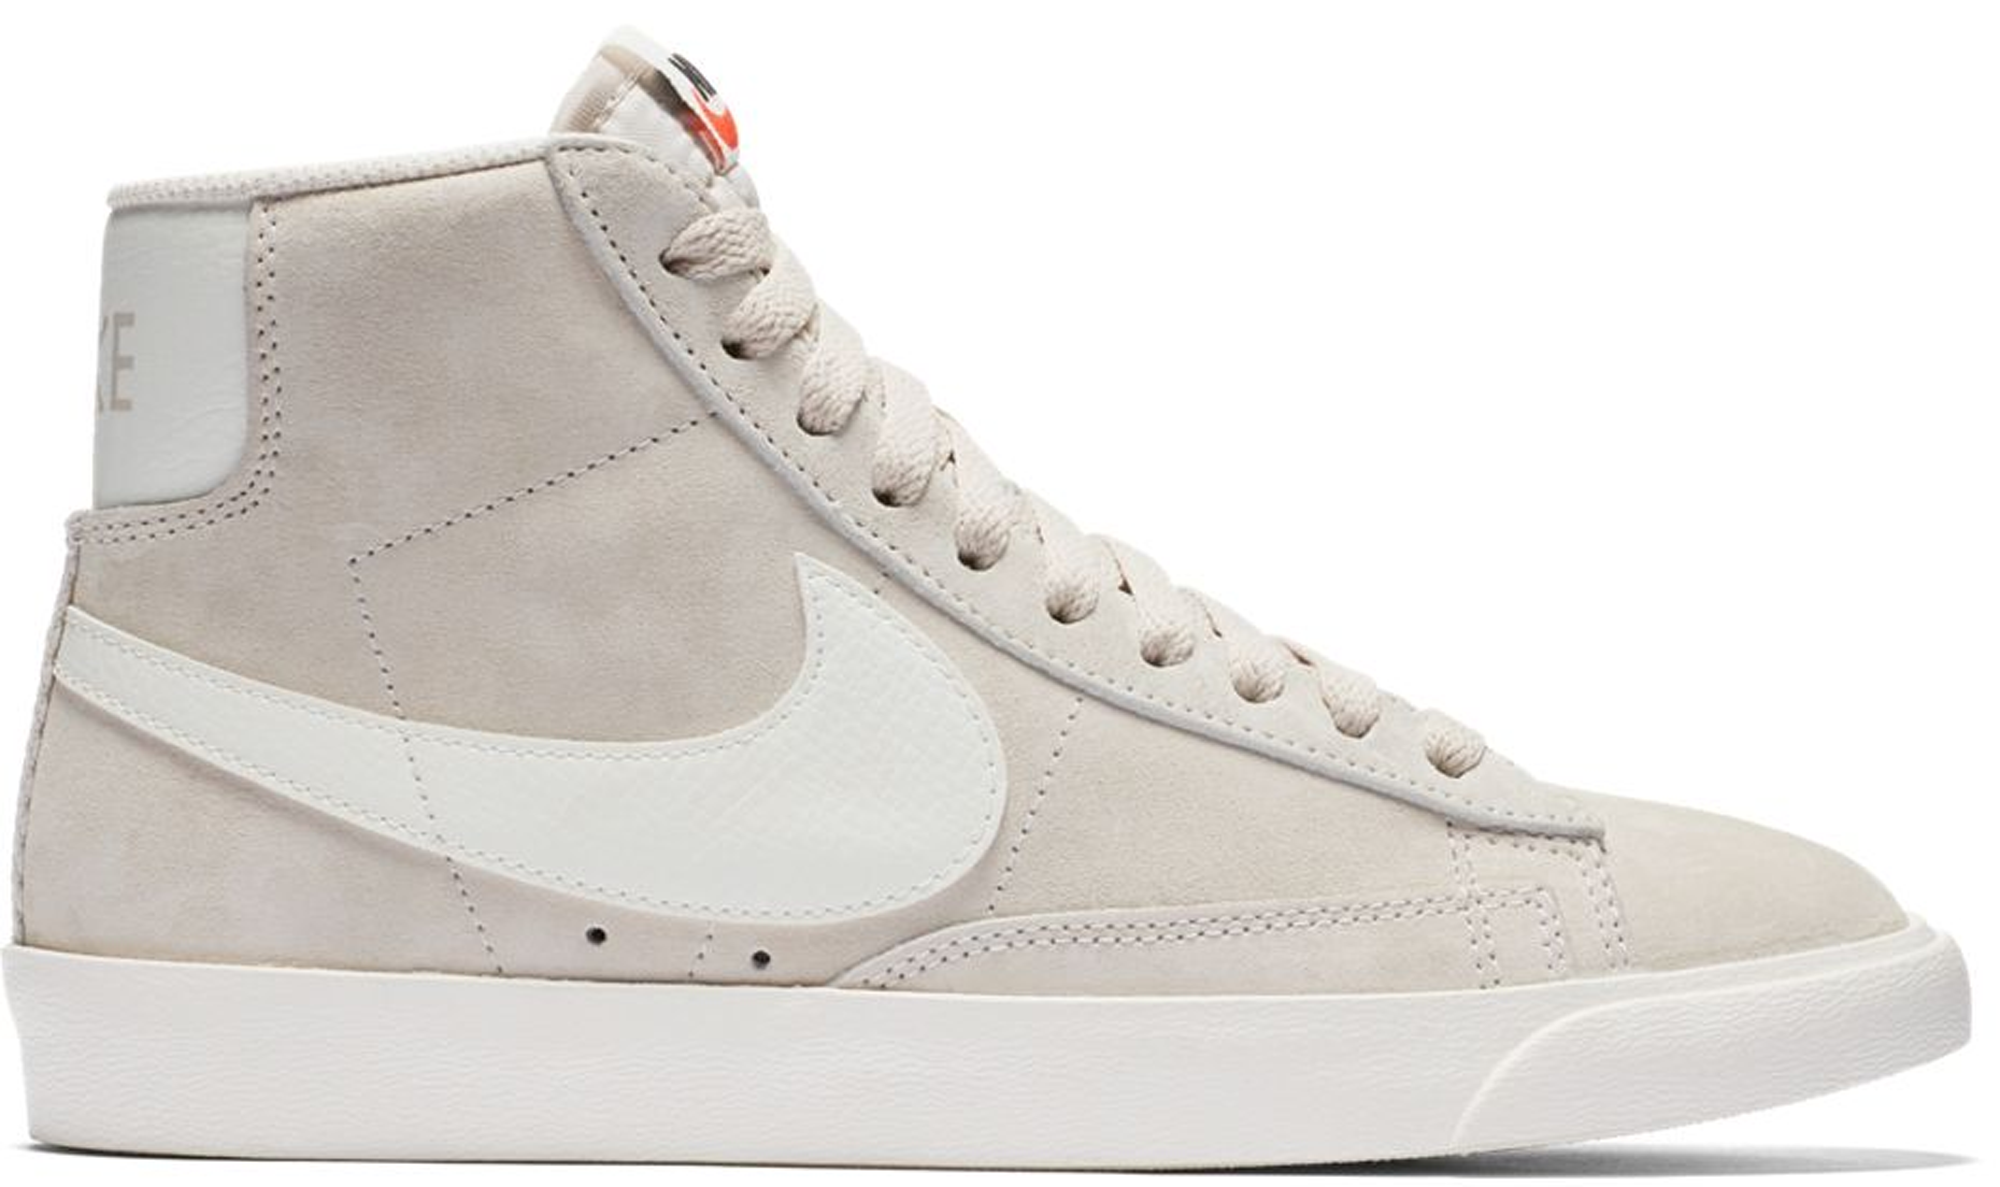 Nike Blazer Mid Vintage Suede Desert